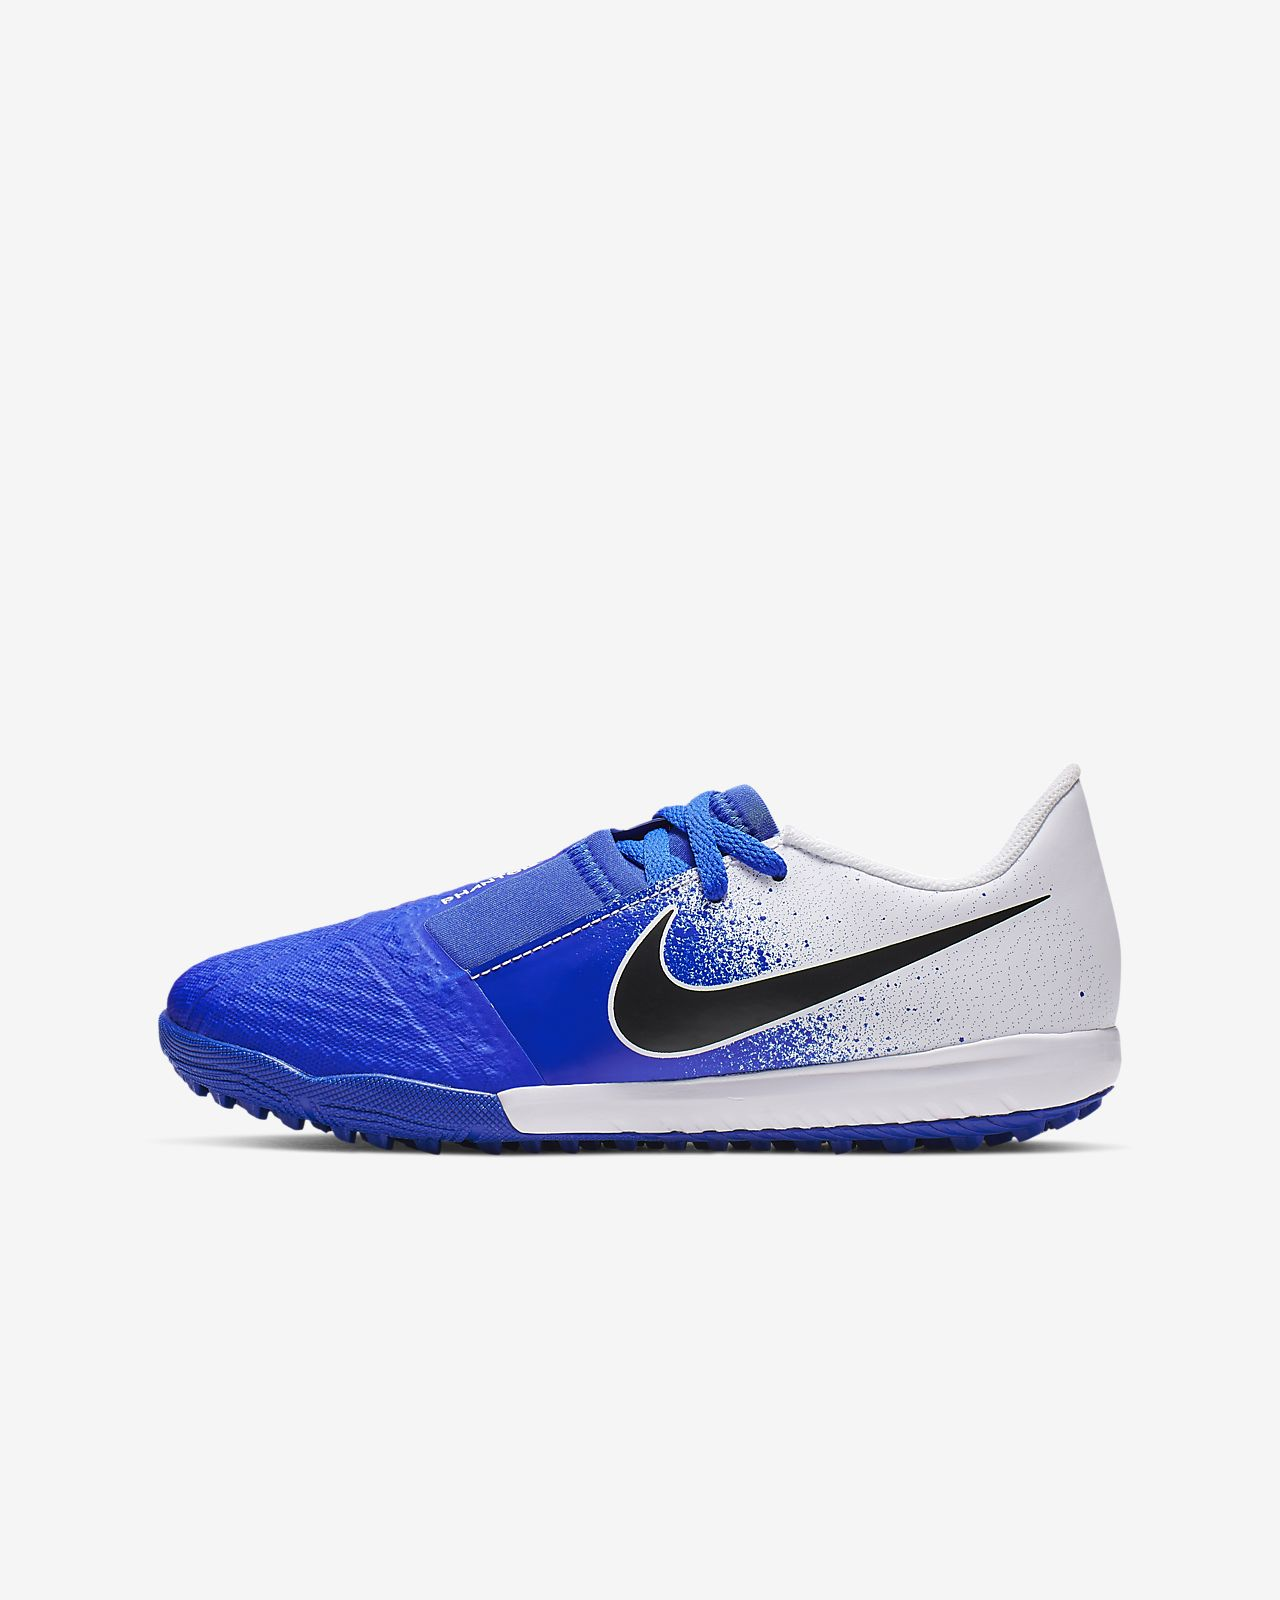 Chaussure de football pour surface synthétique Nike Jr. Phantom Venom Academy TF pour Jeune enfant/Enfant plus âgé